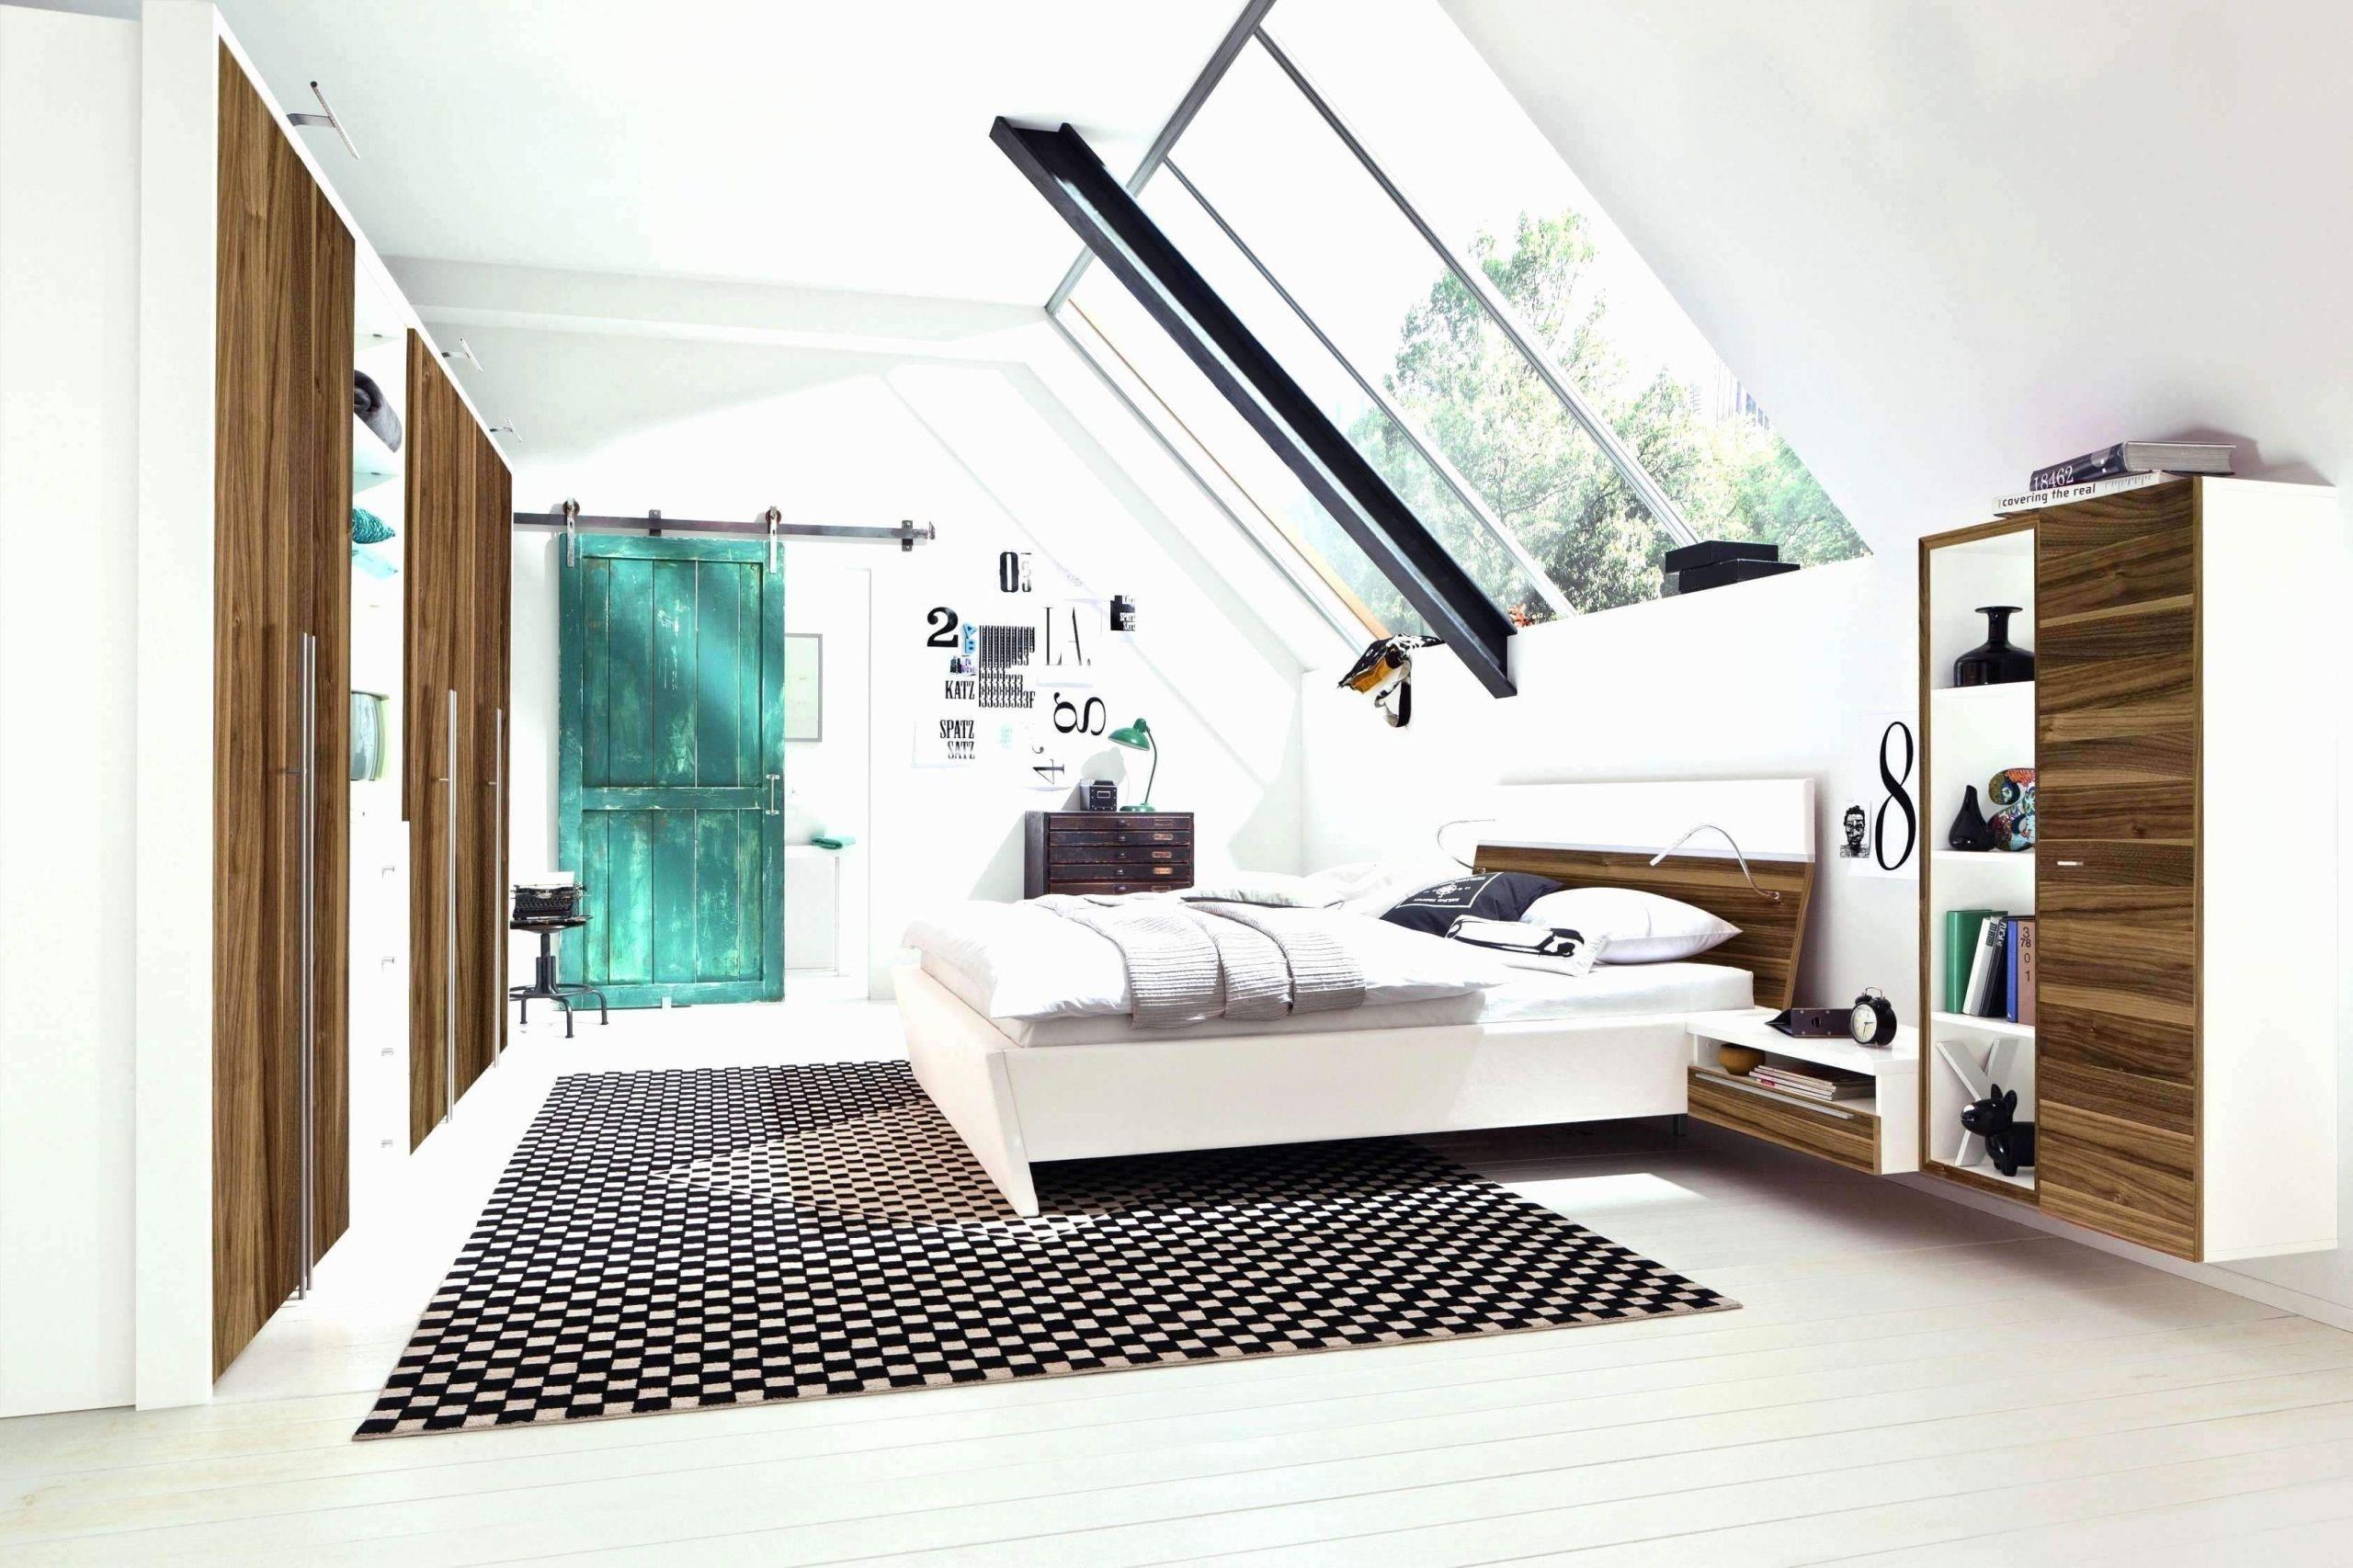 Deko Haus Schön 29 Reizend Wohnzimmer Deko Line Shop Inspirierend